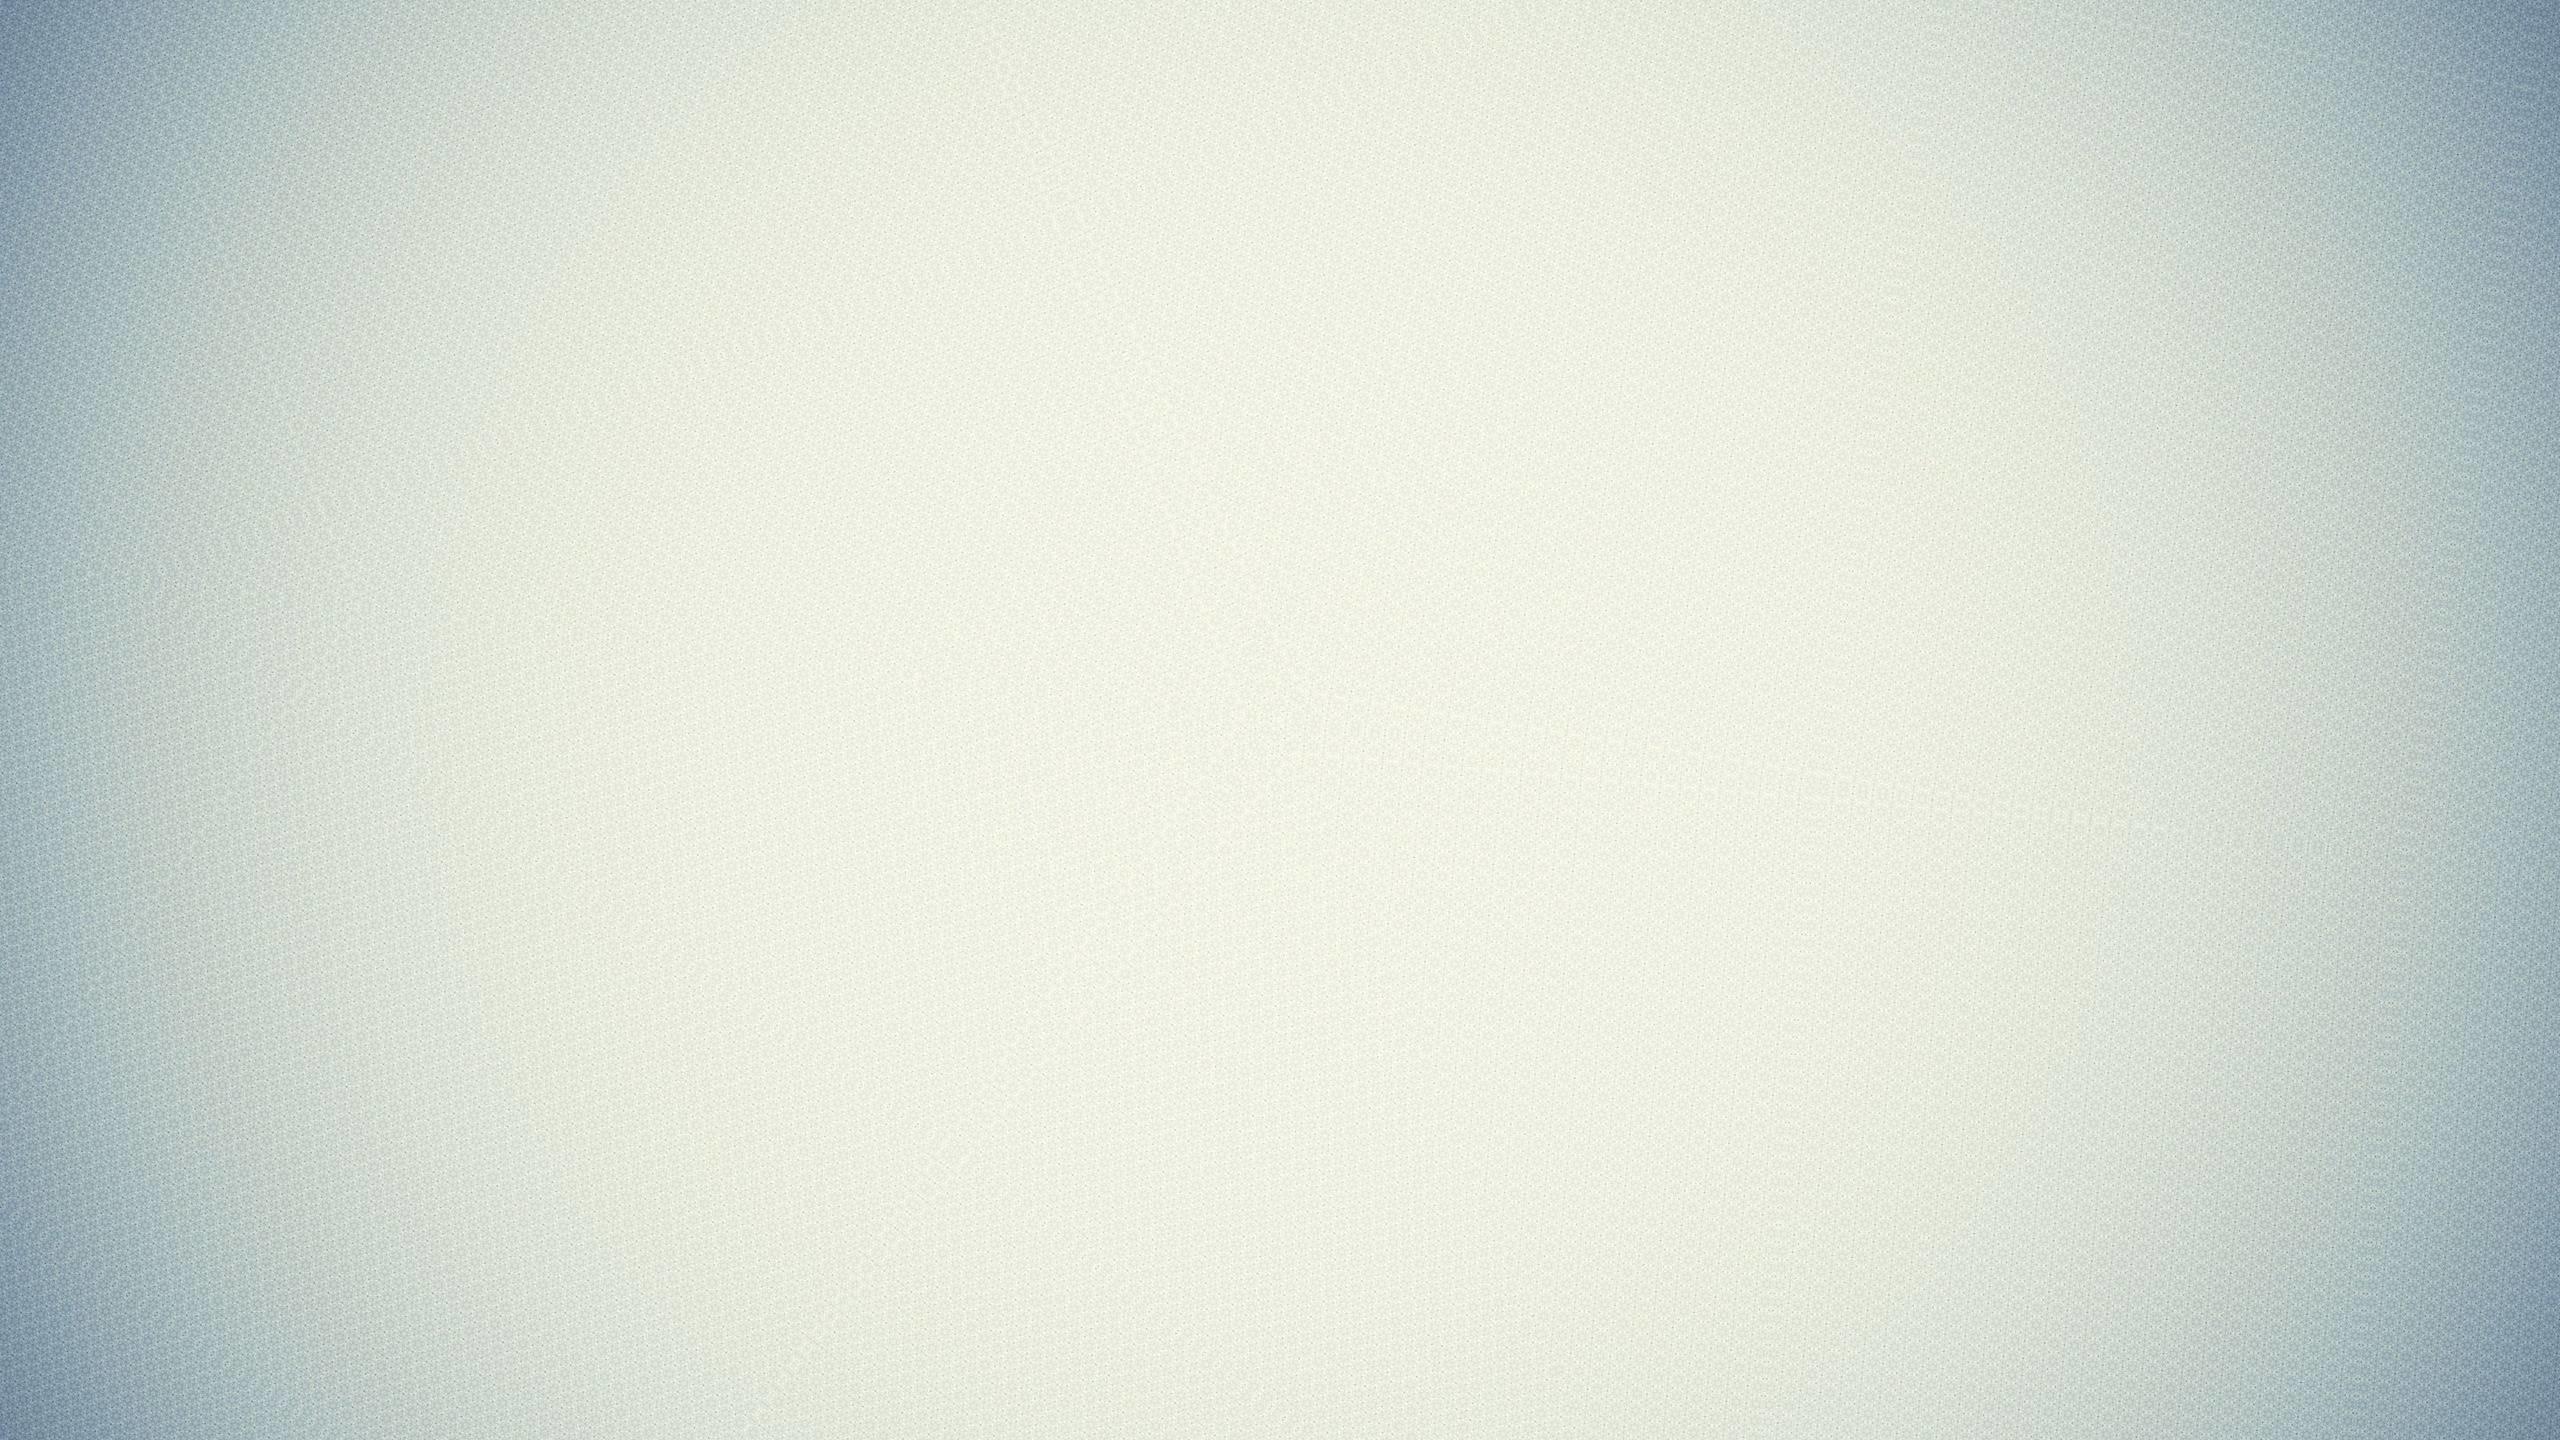 Gradient Wallpaper #